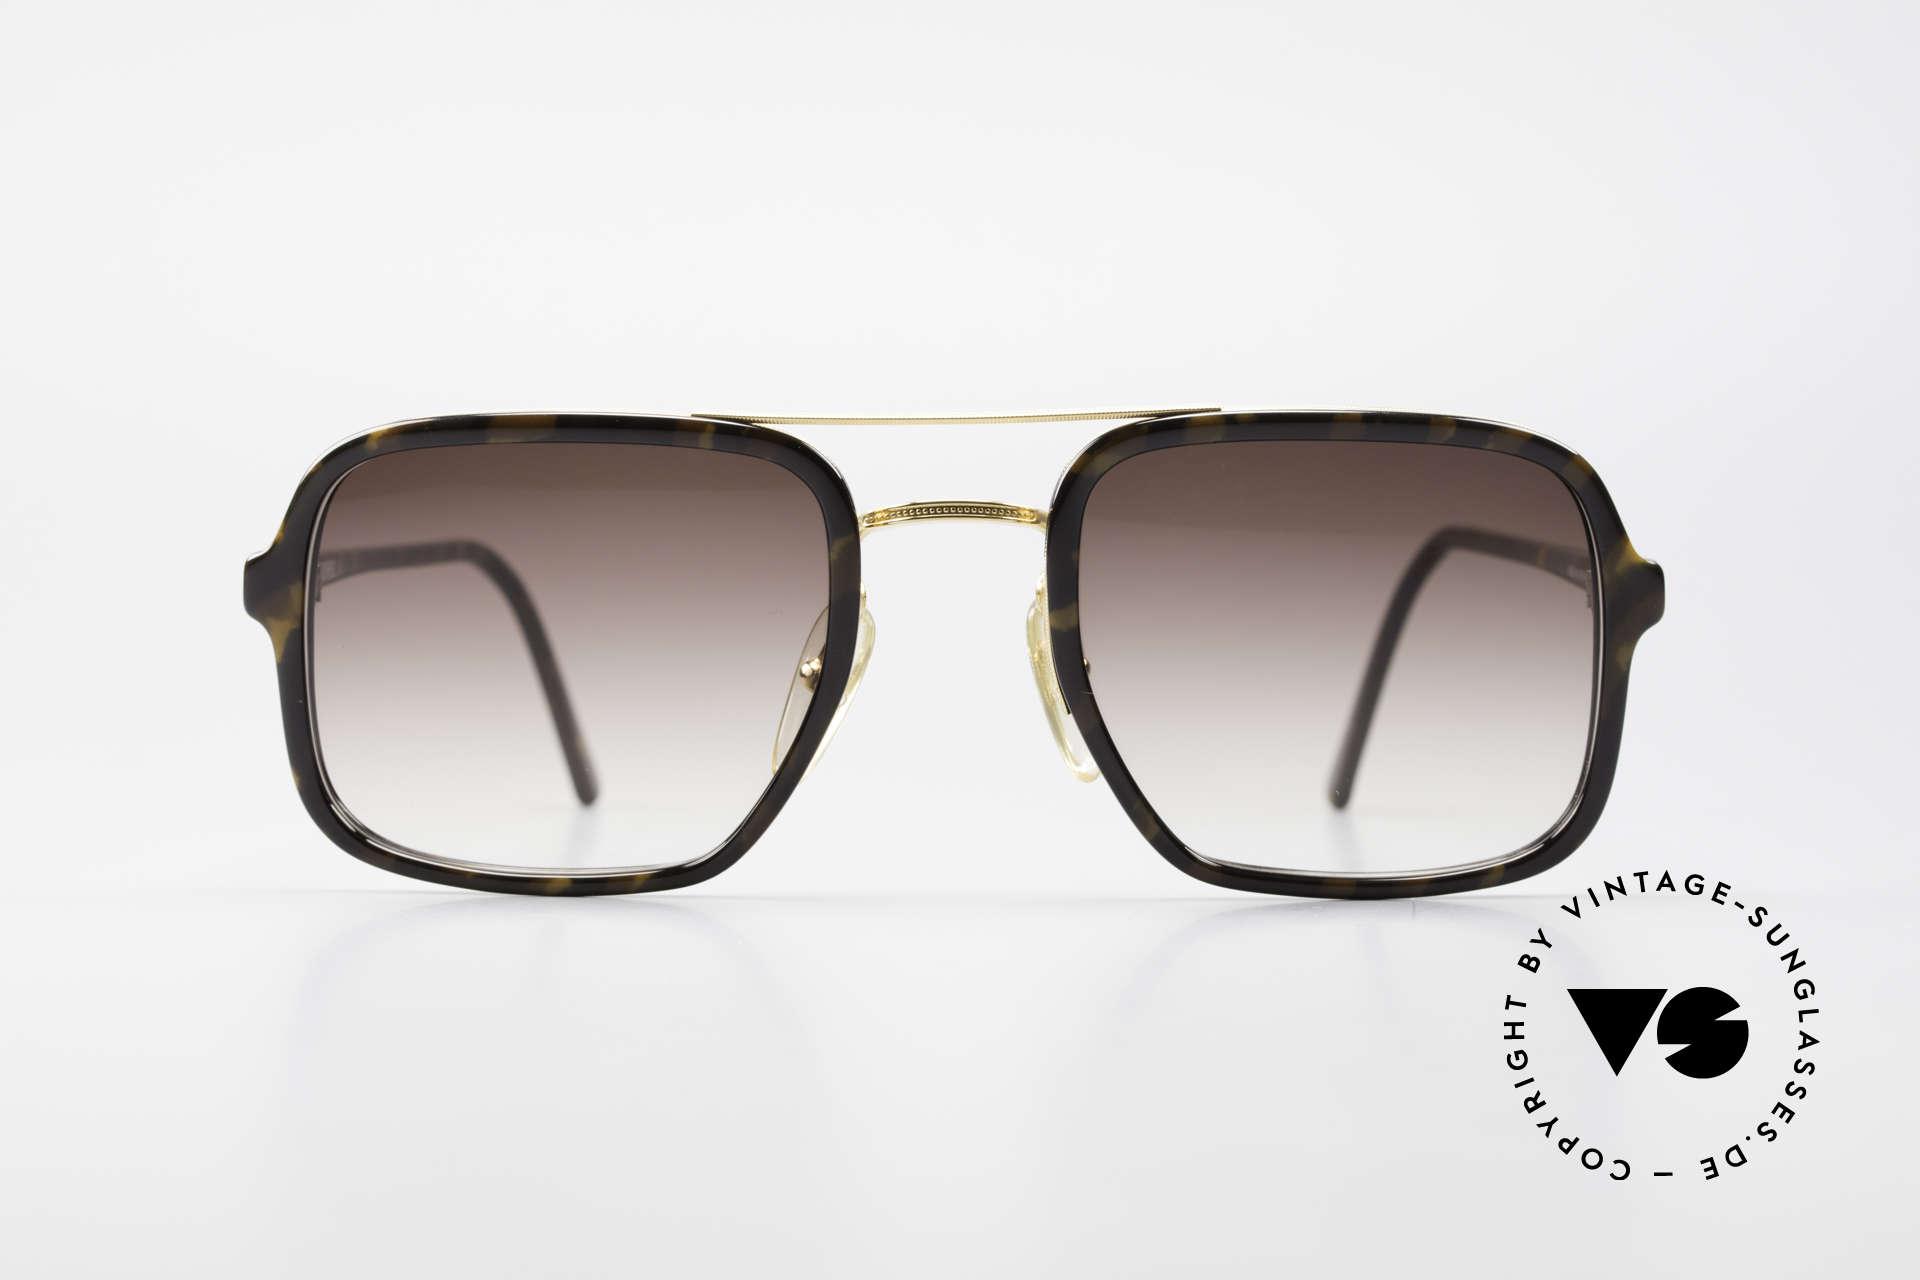 Dunhill 6059 Rare 80er Herren Sonnenbrille, enorm hochwertiges Optyl Gestell; zudem VERGOLDET, Passend für Herren